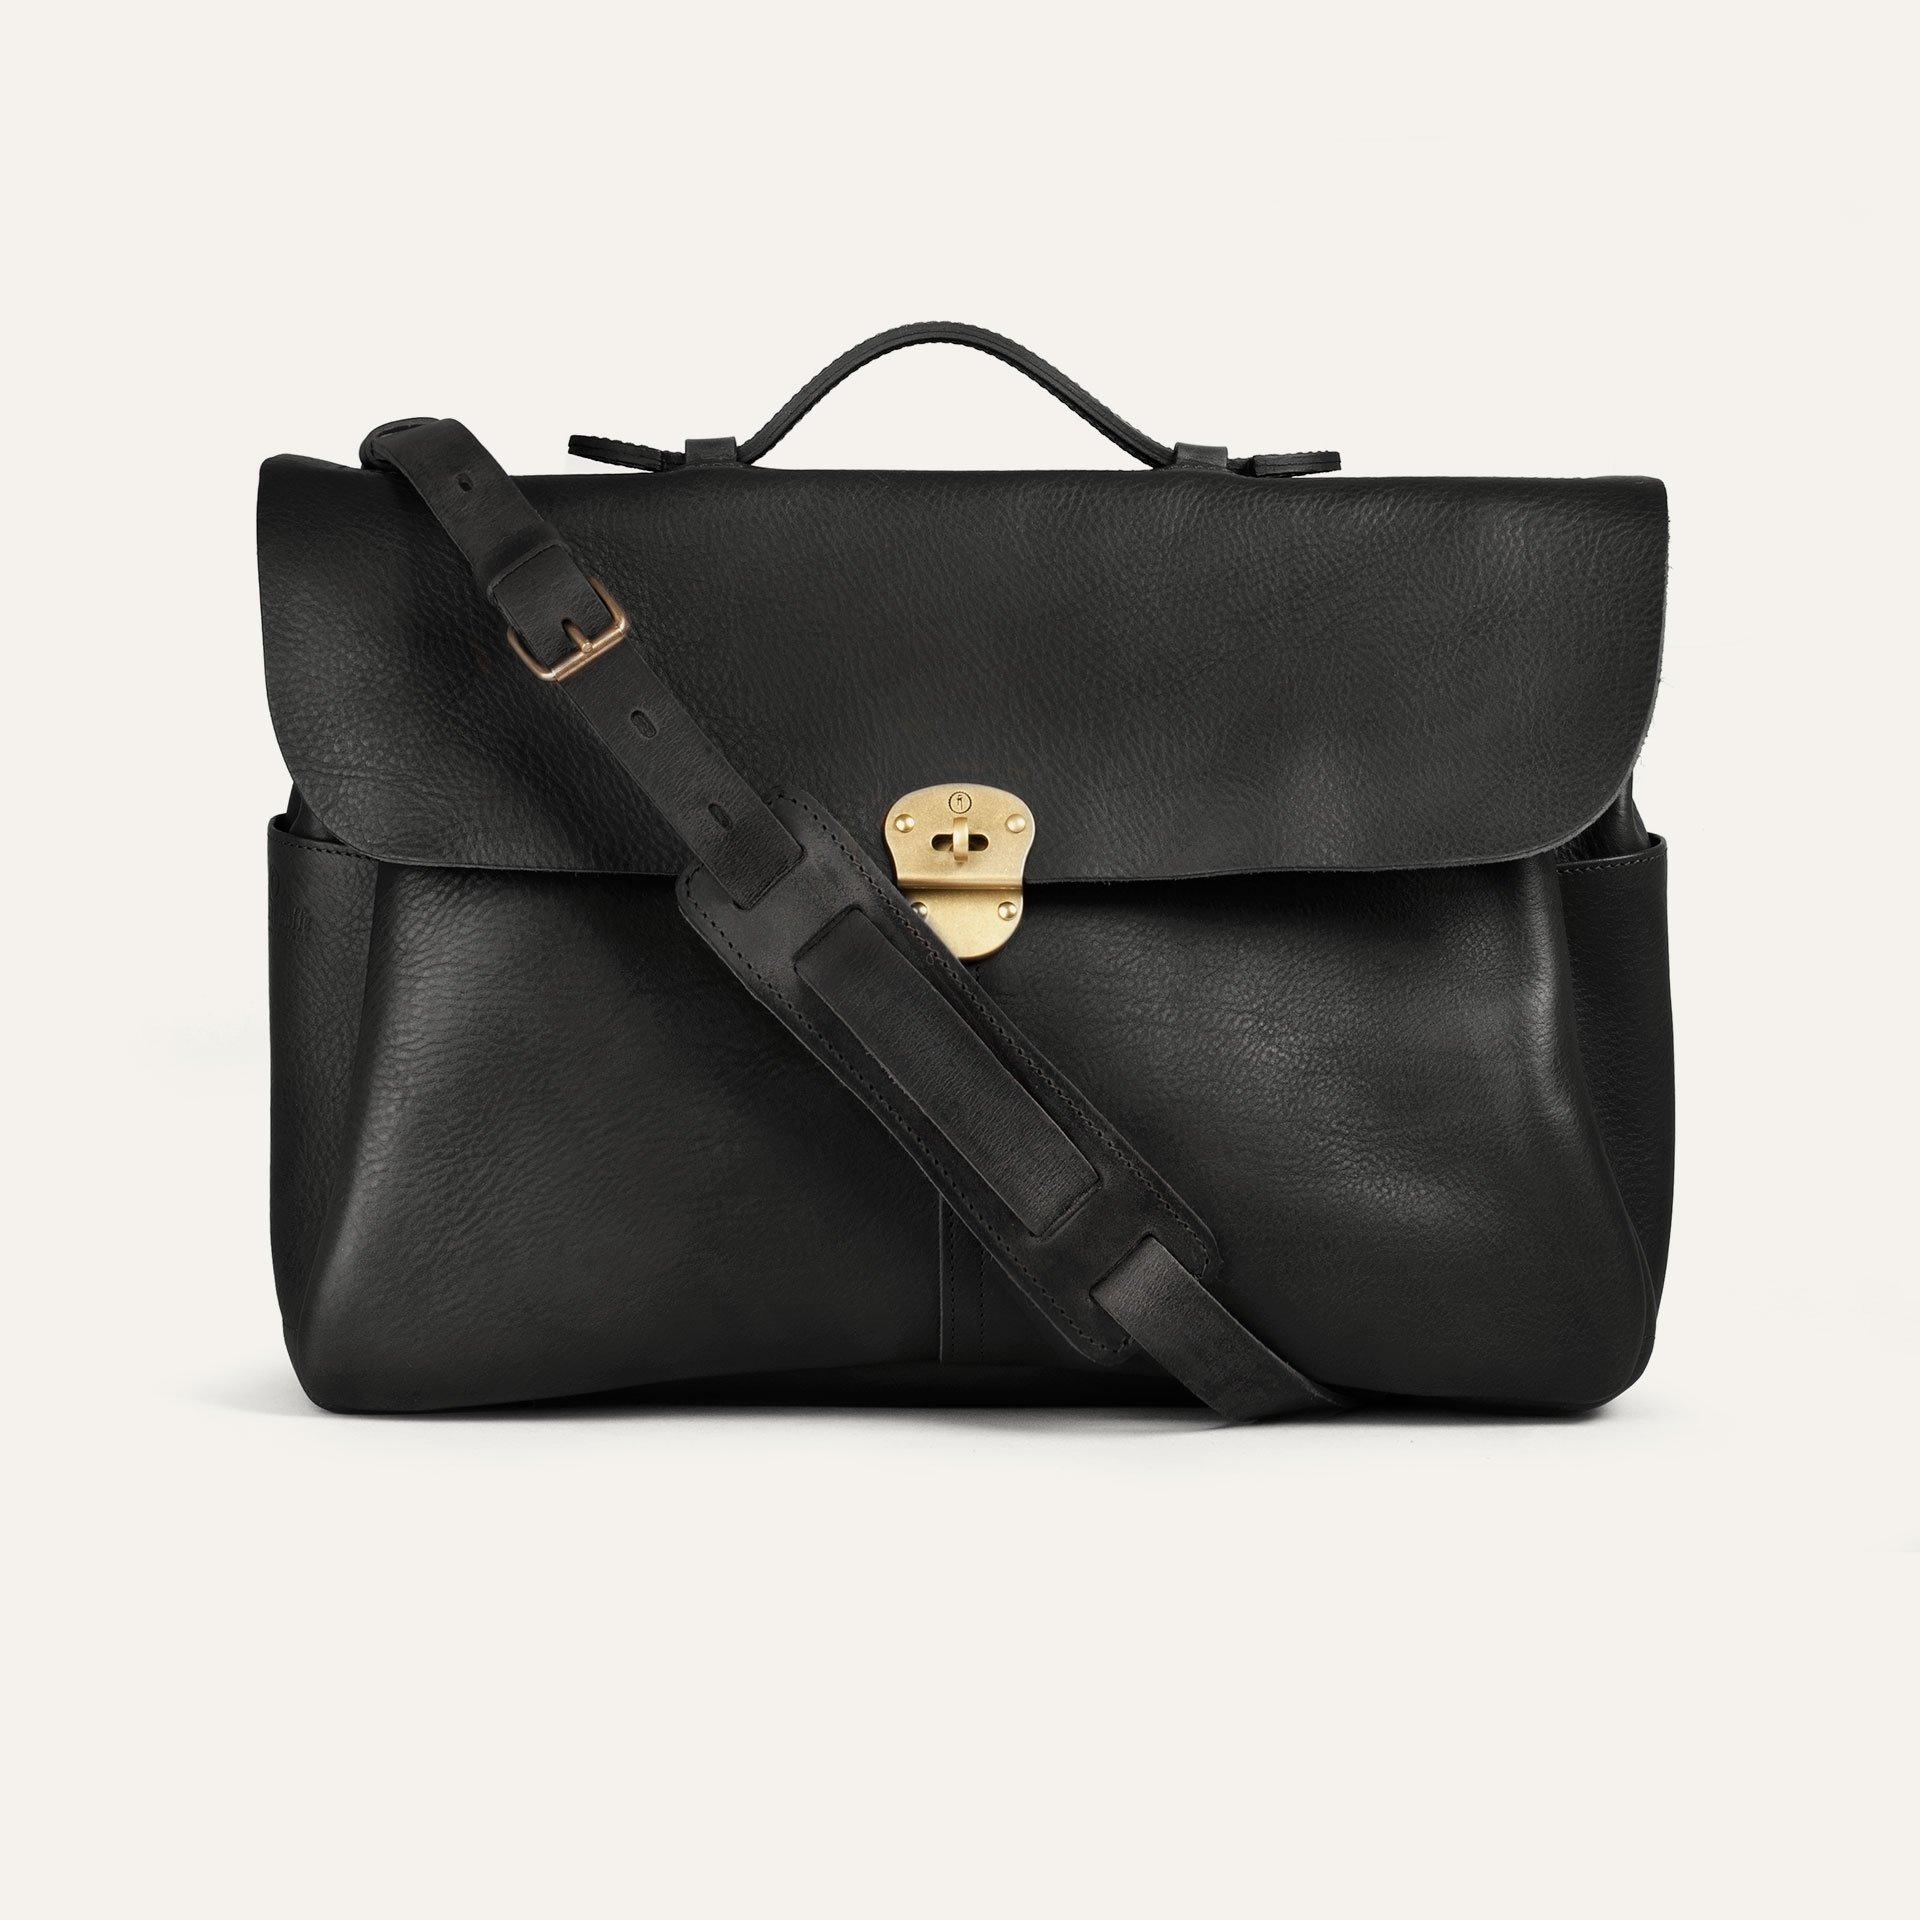 Charles bag - Black (image n°1)